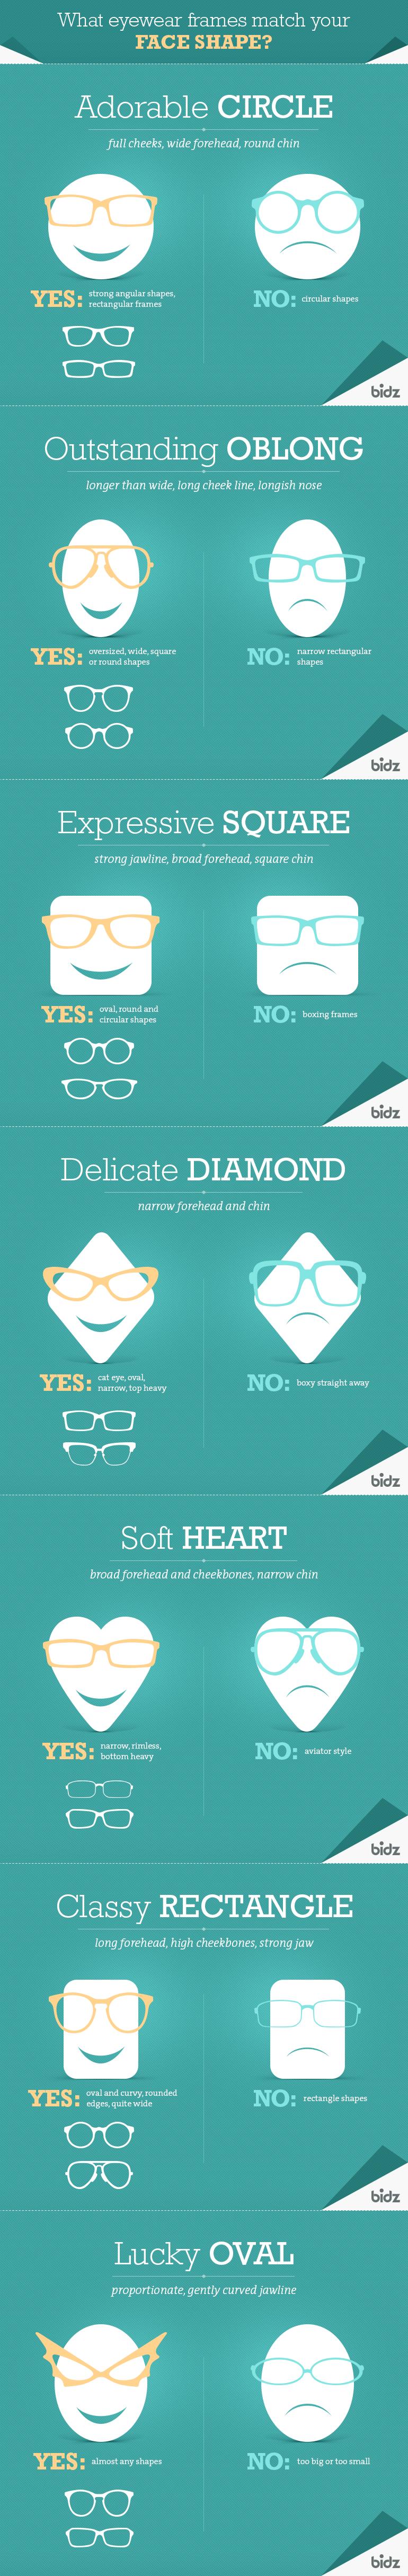 04 eyewear_infographic